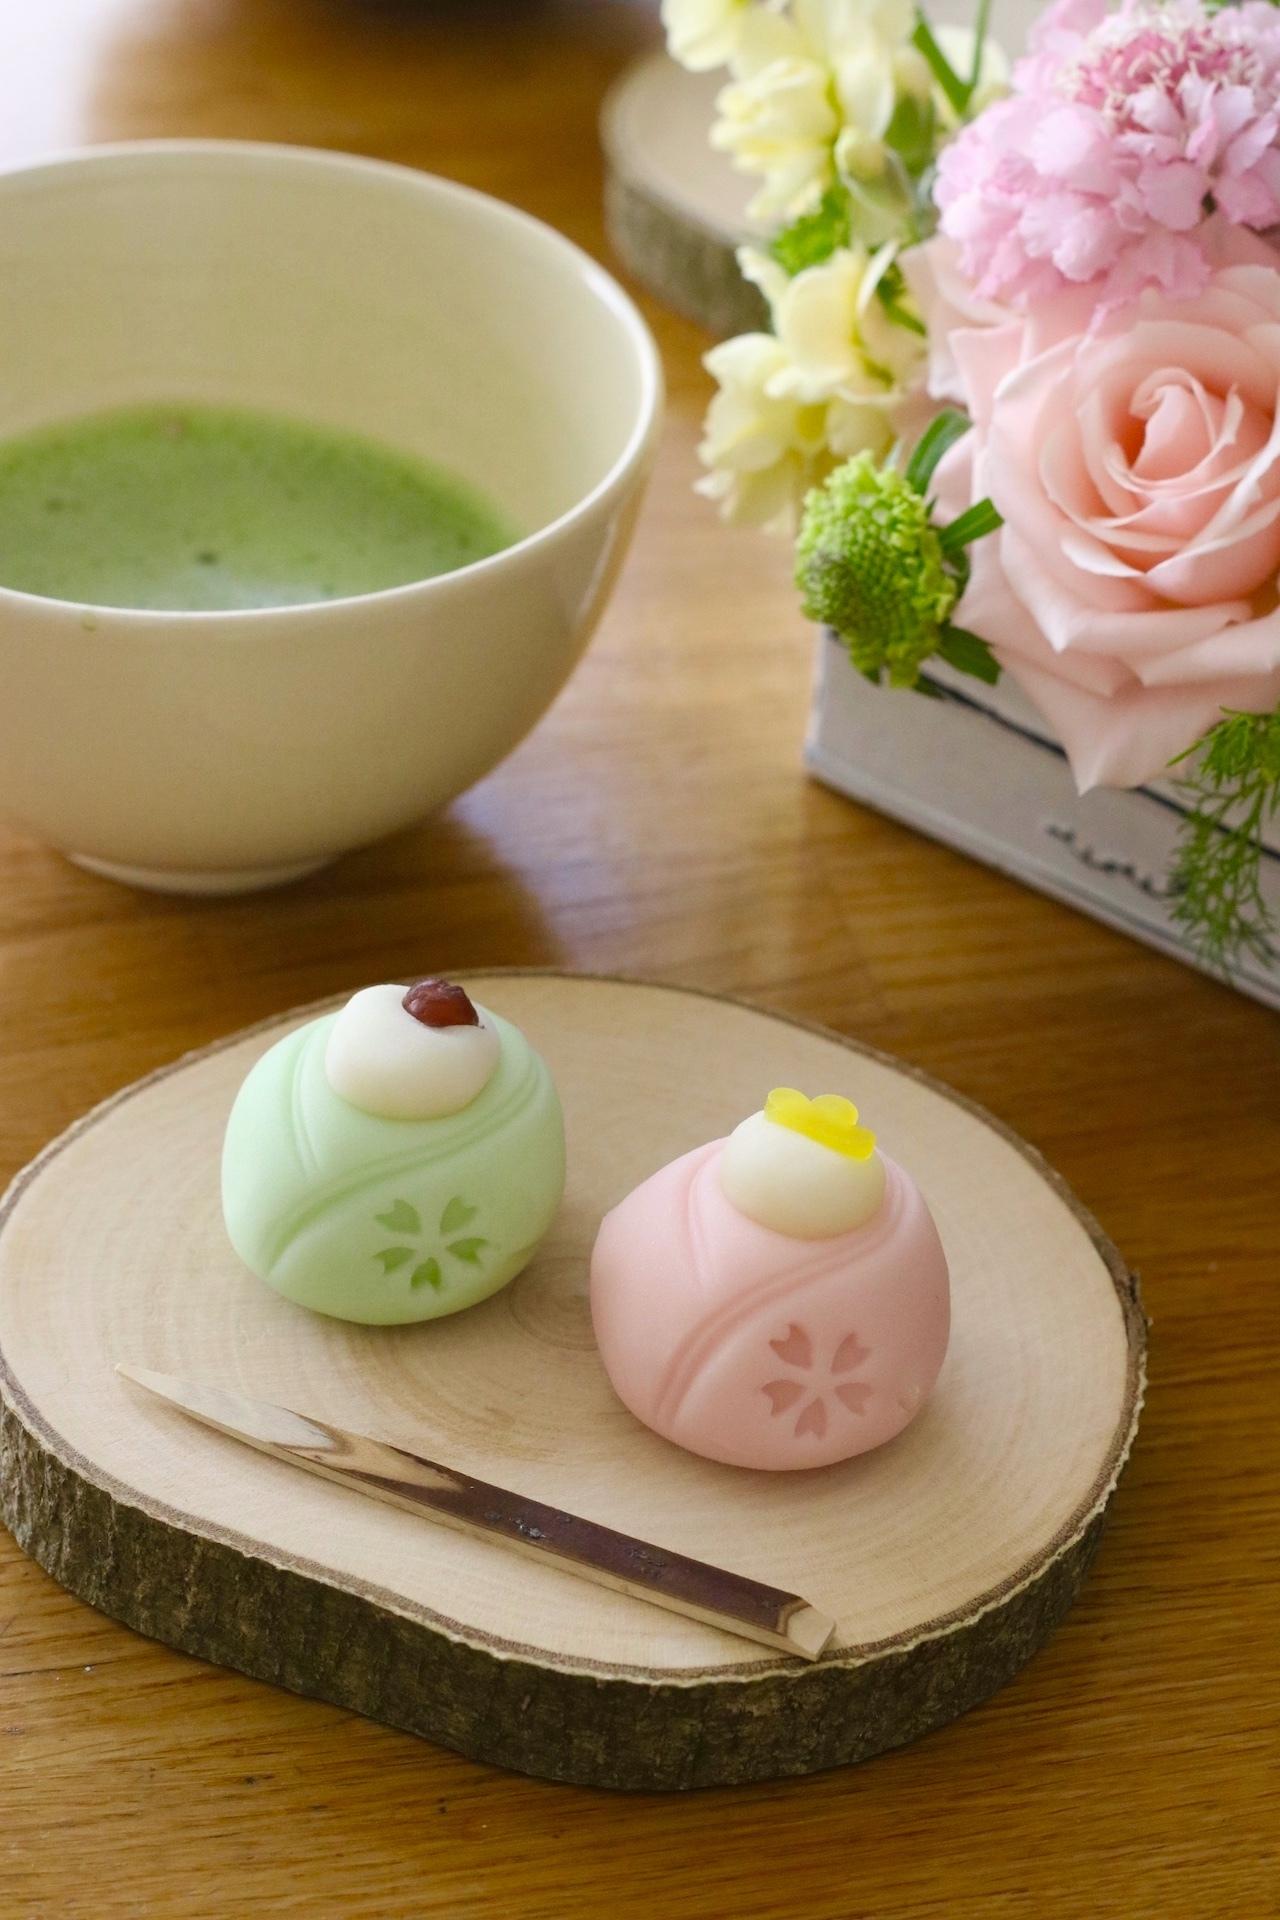 ひなまつりの和菓子と抹茶